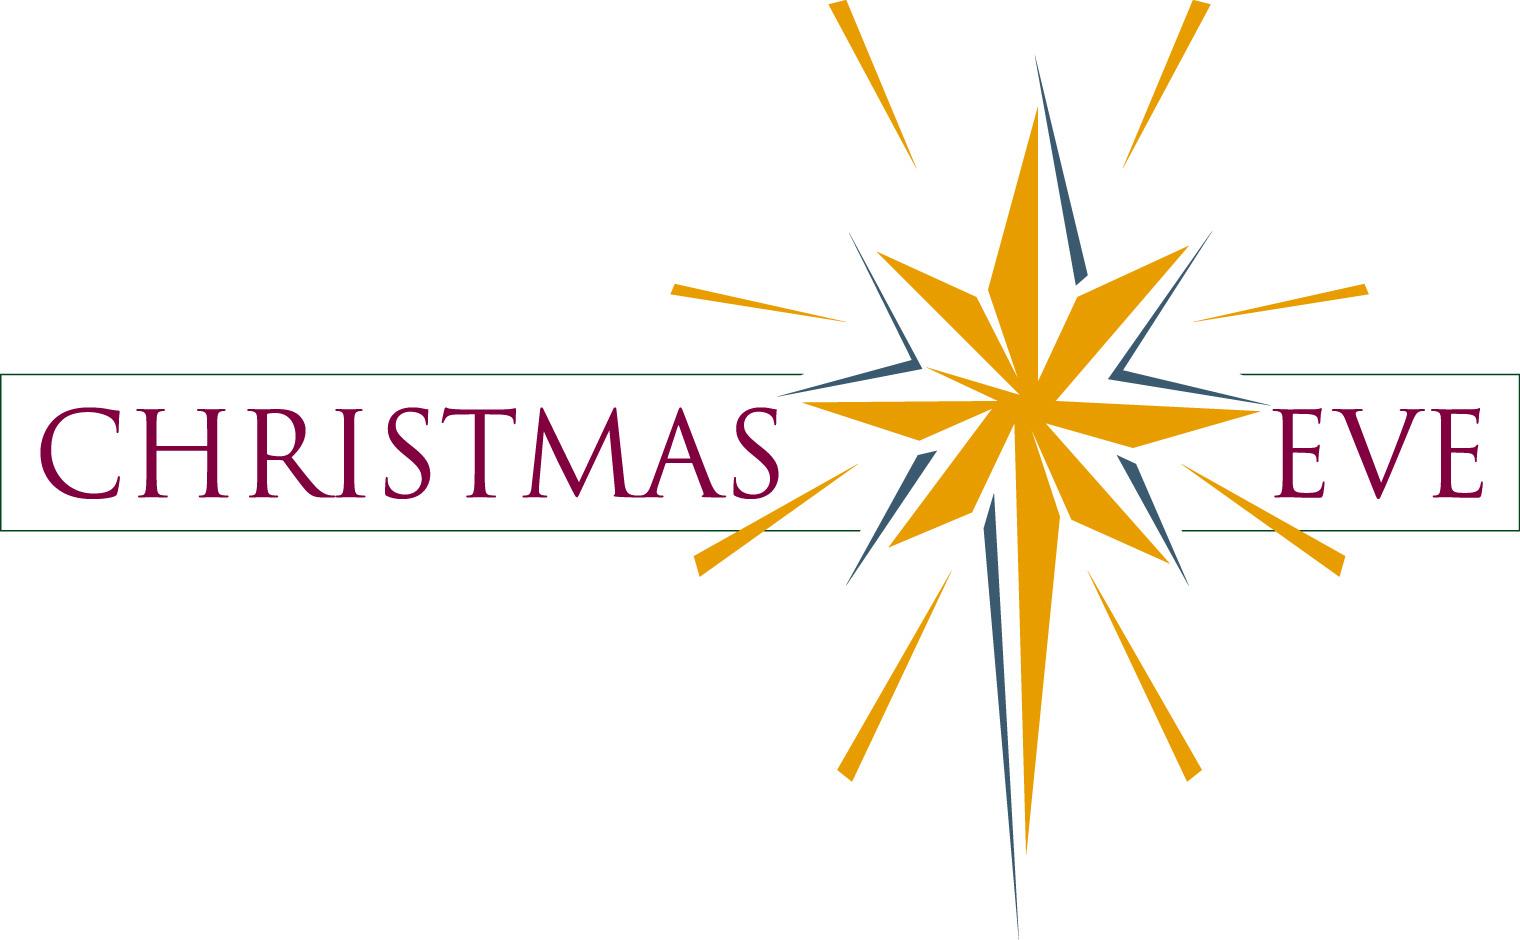 Christmas Eve Clipart (68+).